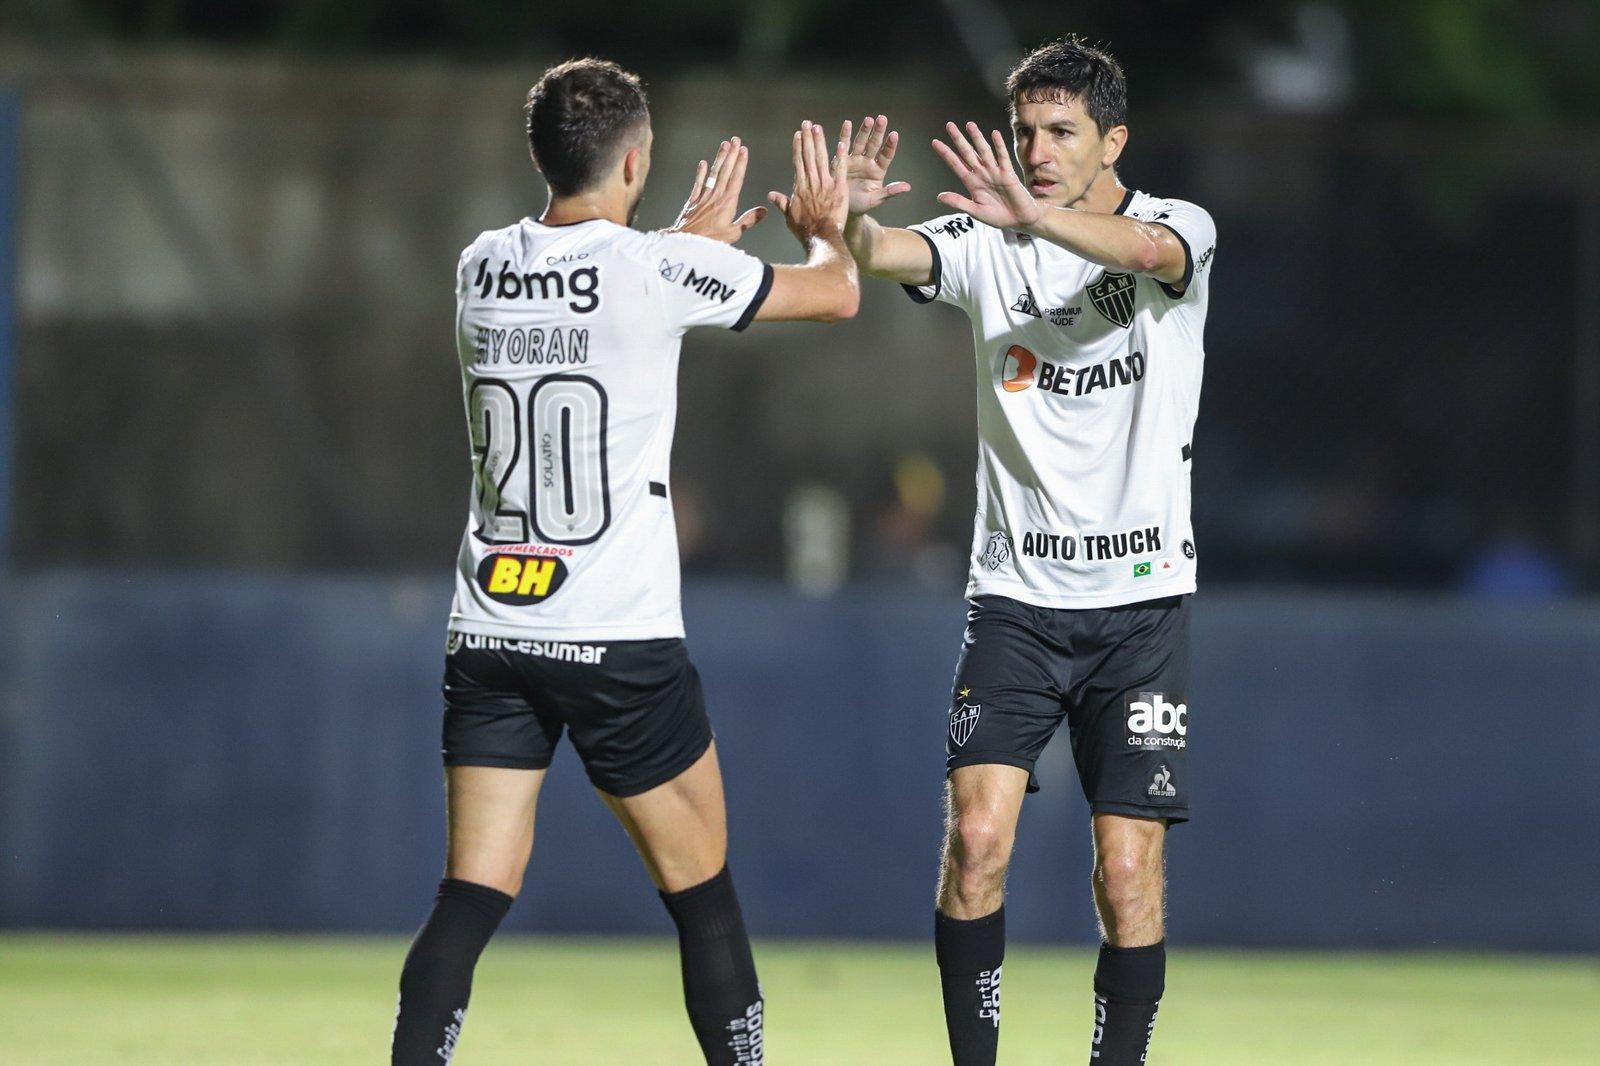 Espora 13 - Atlético - Galo - Atlético-MG - Embalados por Nacho e Hulk, Galo vence o Remo pela Copa do Brasil